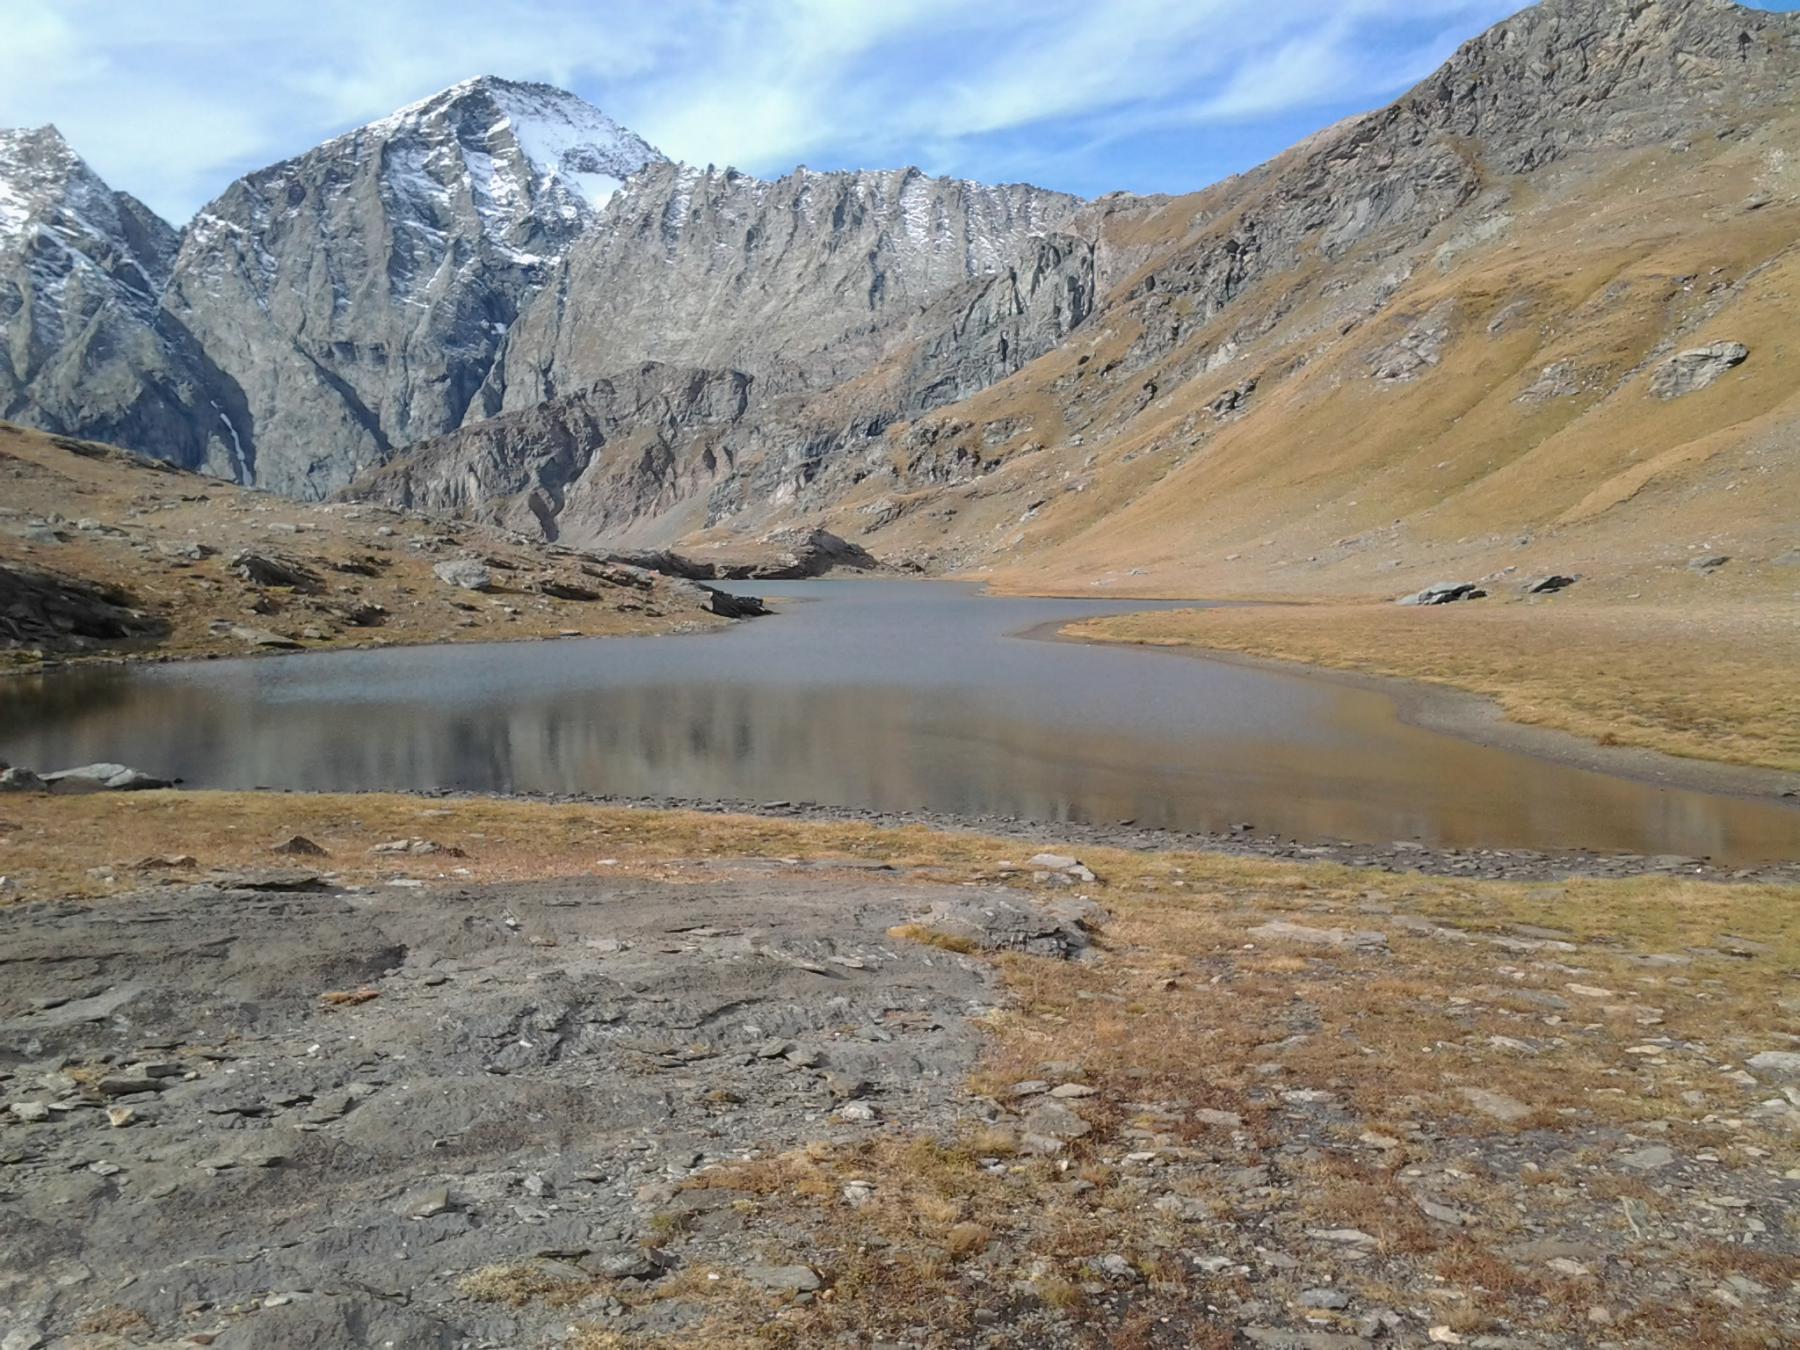 Il bel lago di Bessanetto e la punta d'Arnas